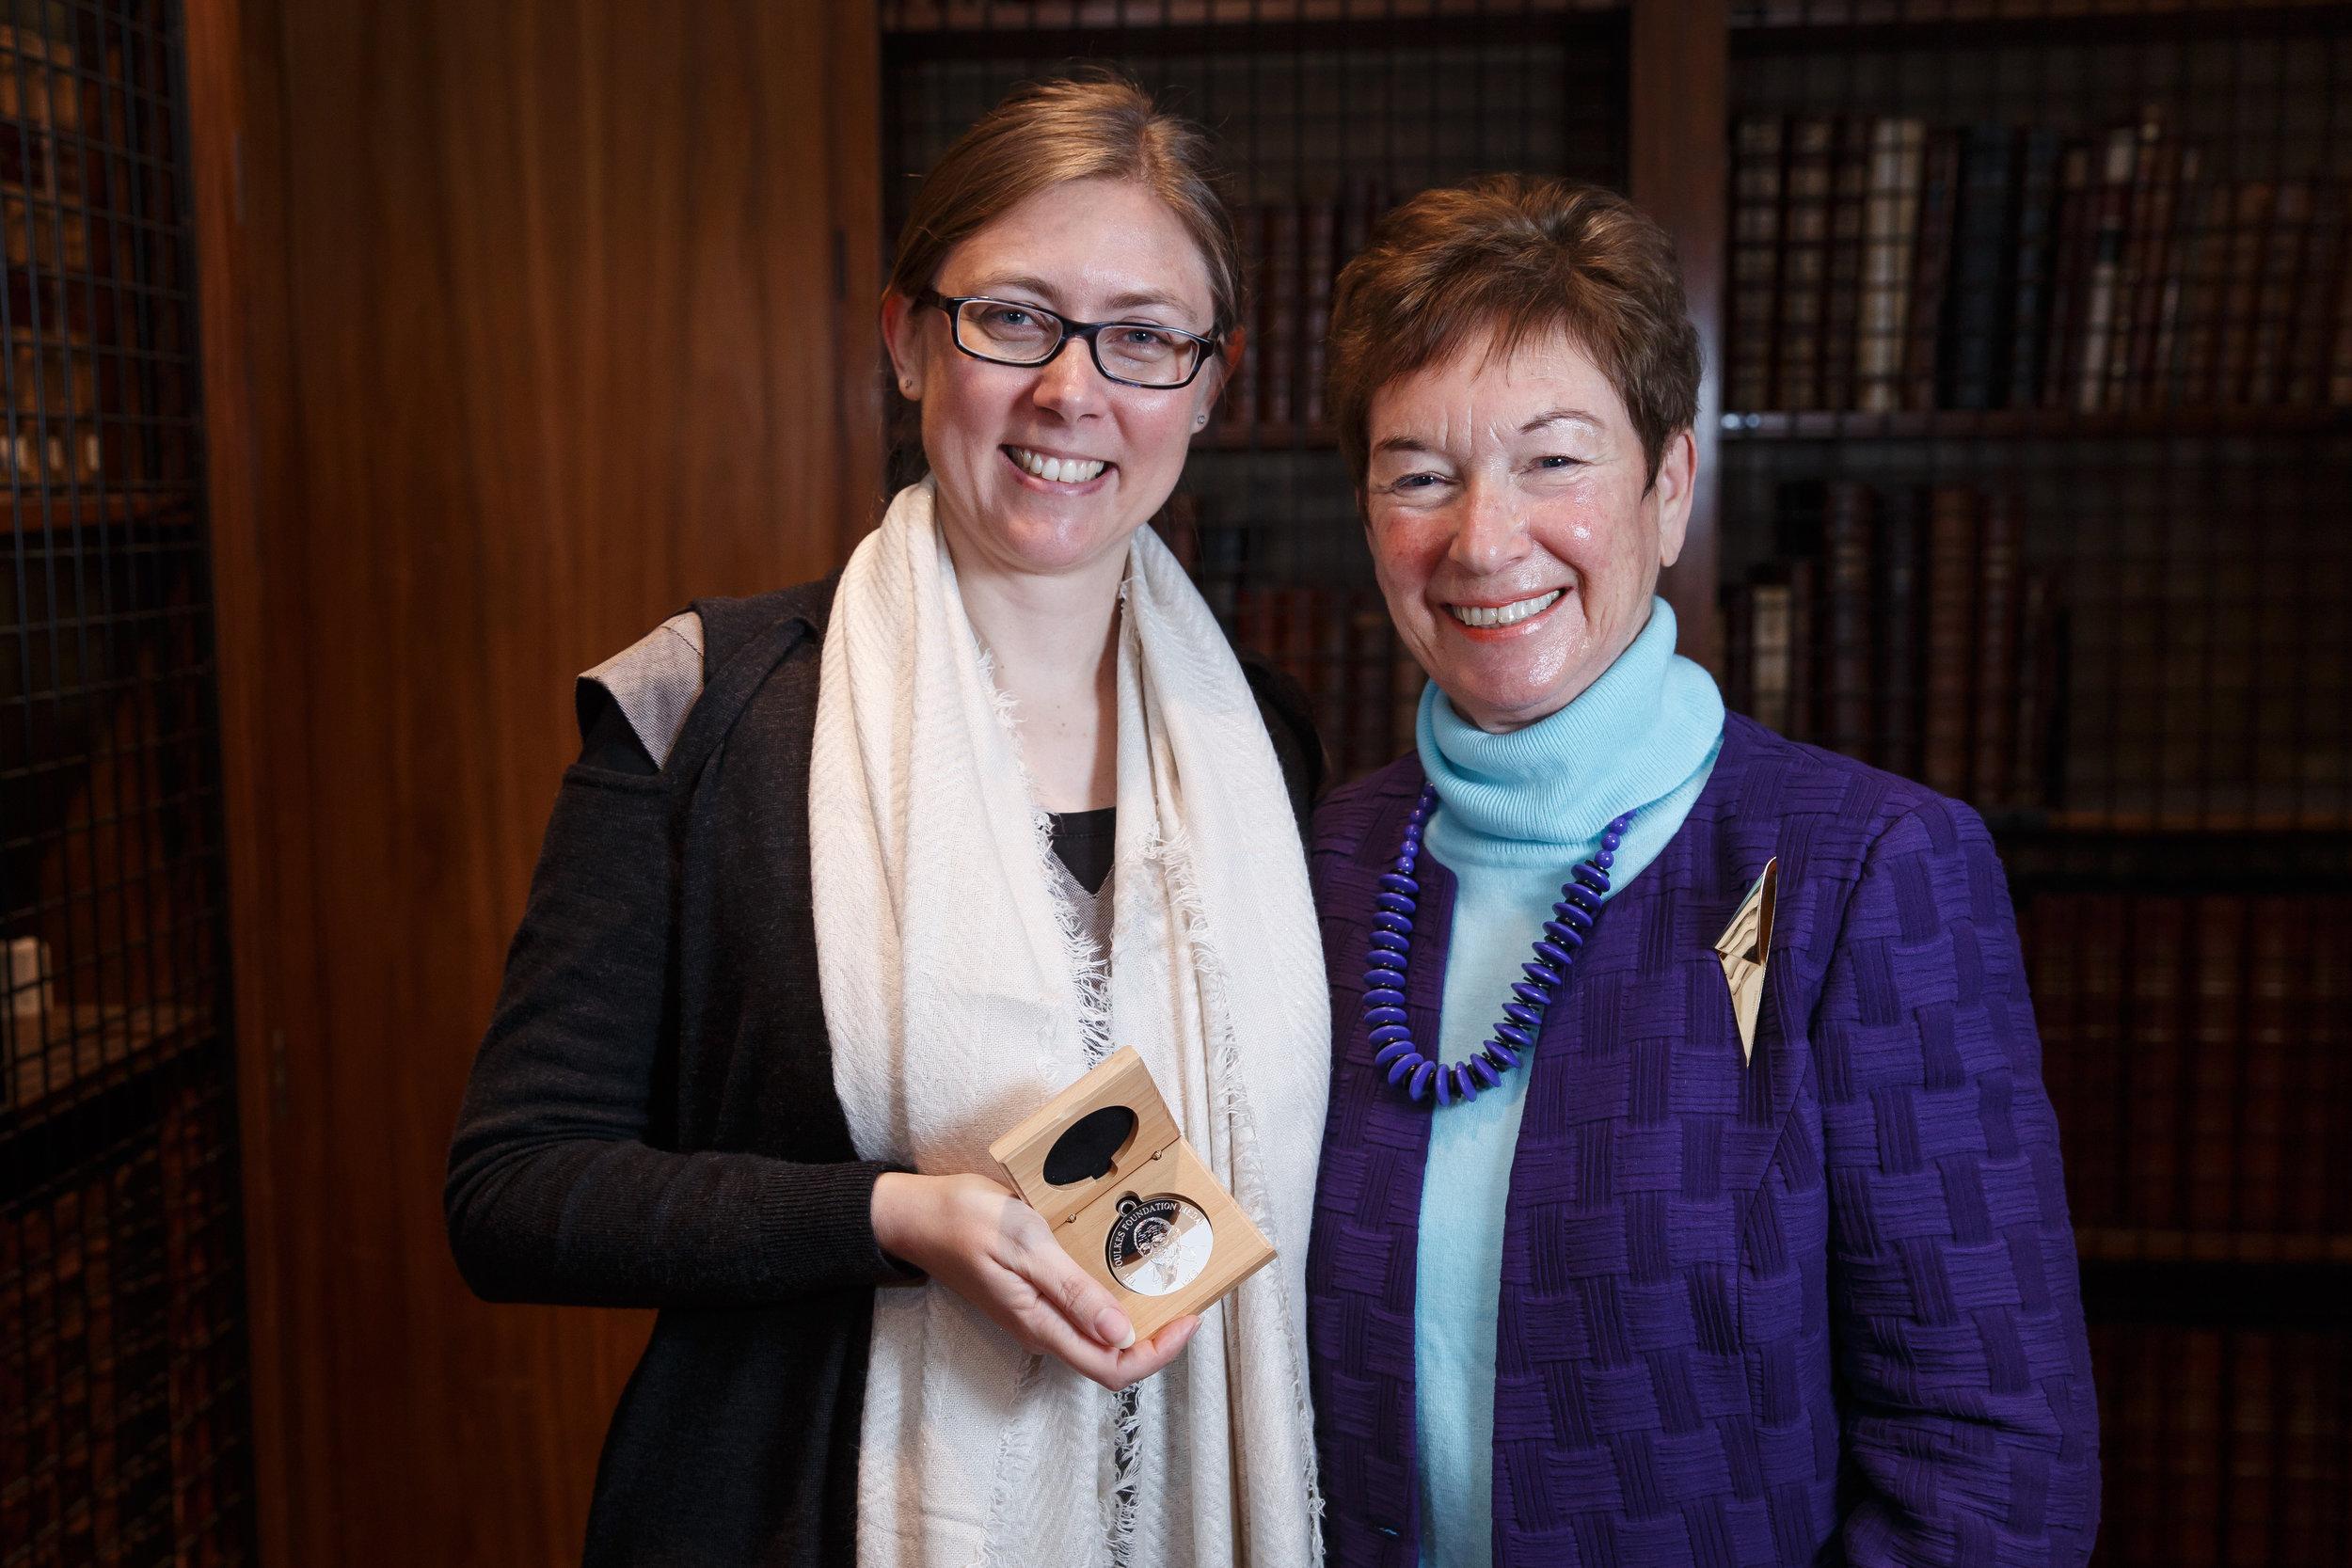 The 2017 Medal Winner with Maureen Foulkes-Hajdu